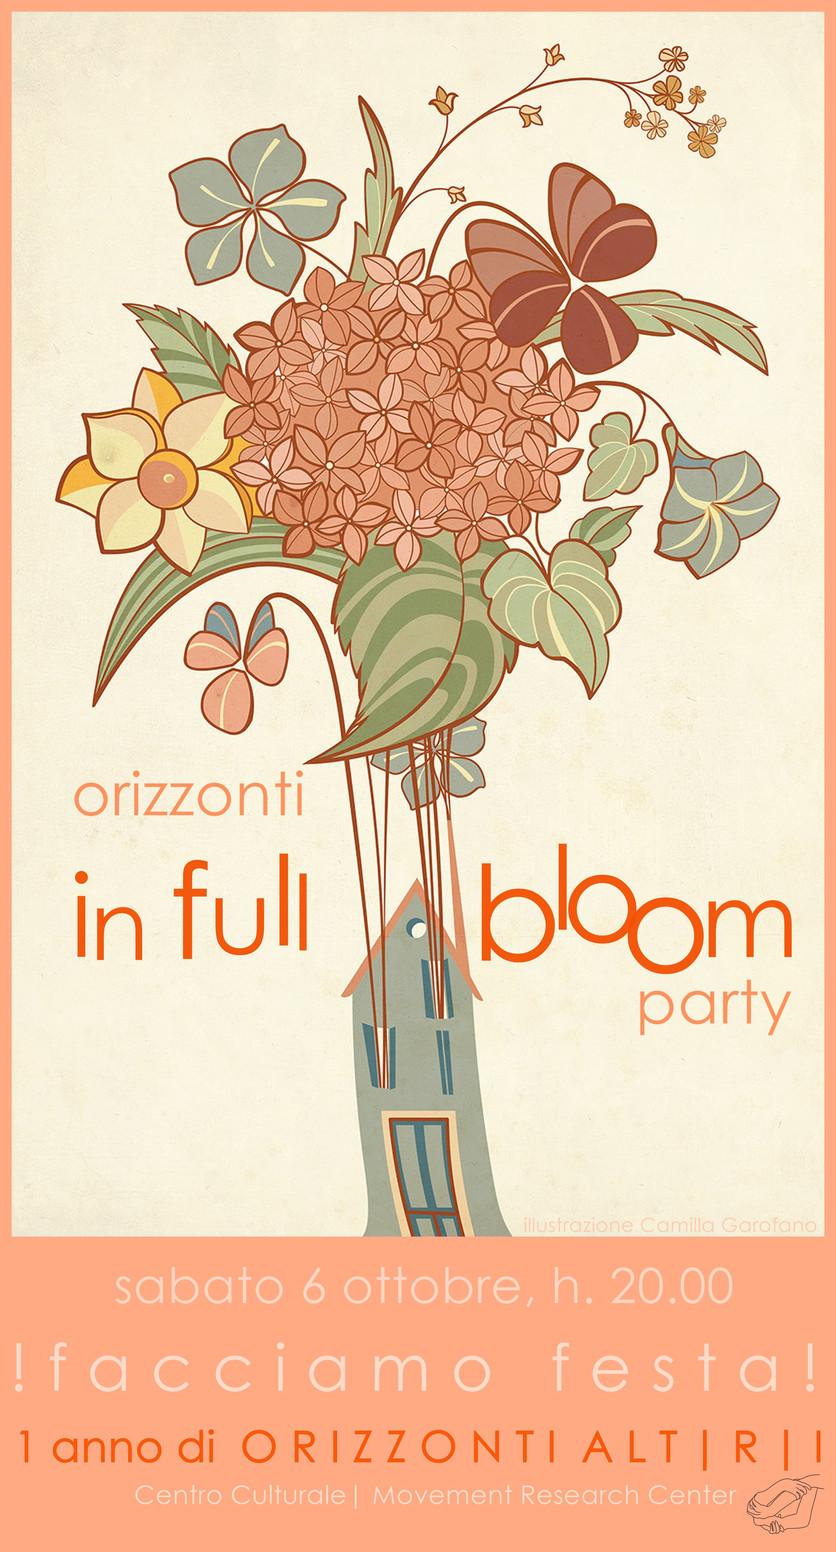 Orizzonti IN FULL BLOOM party | 1 anno di Orizzonti Altri